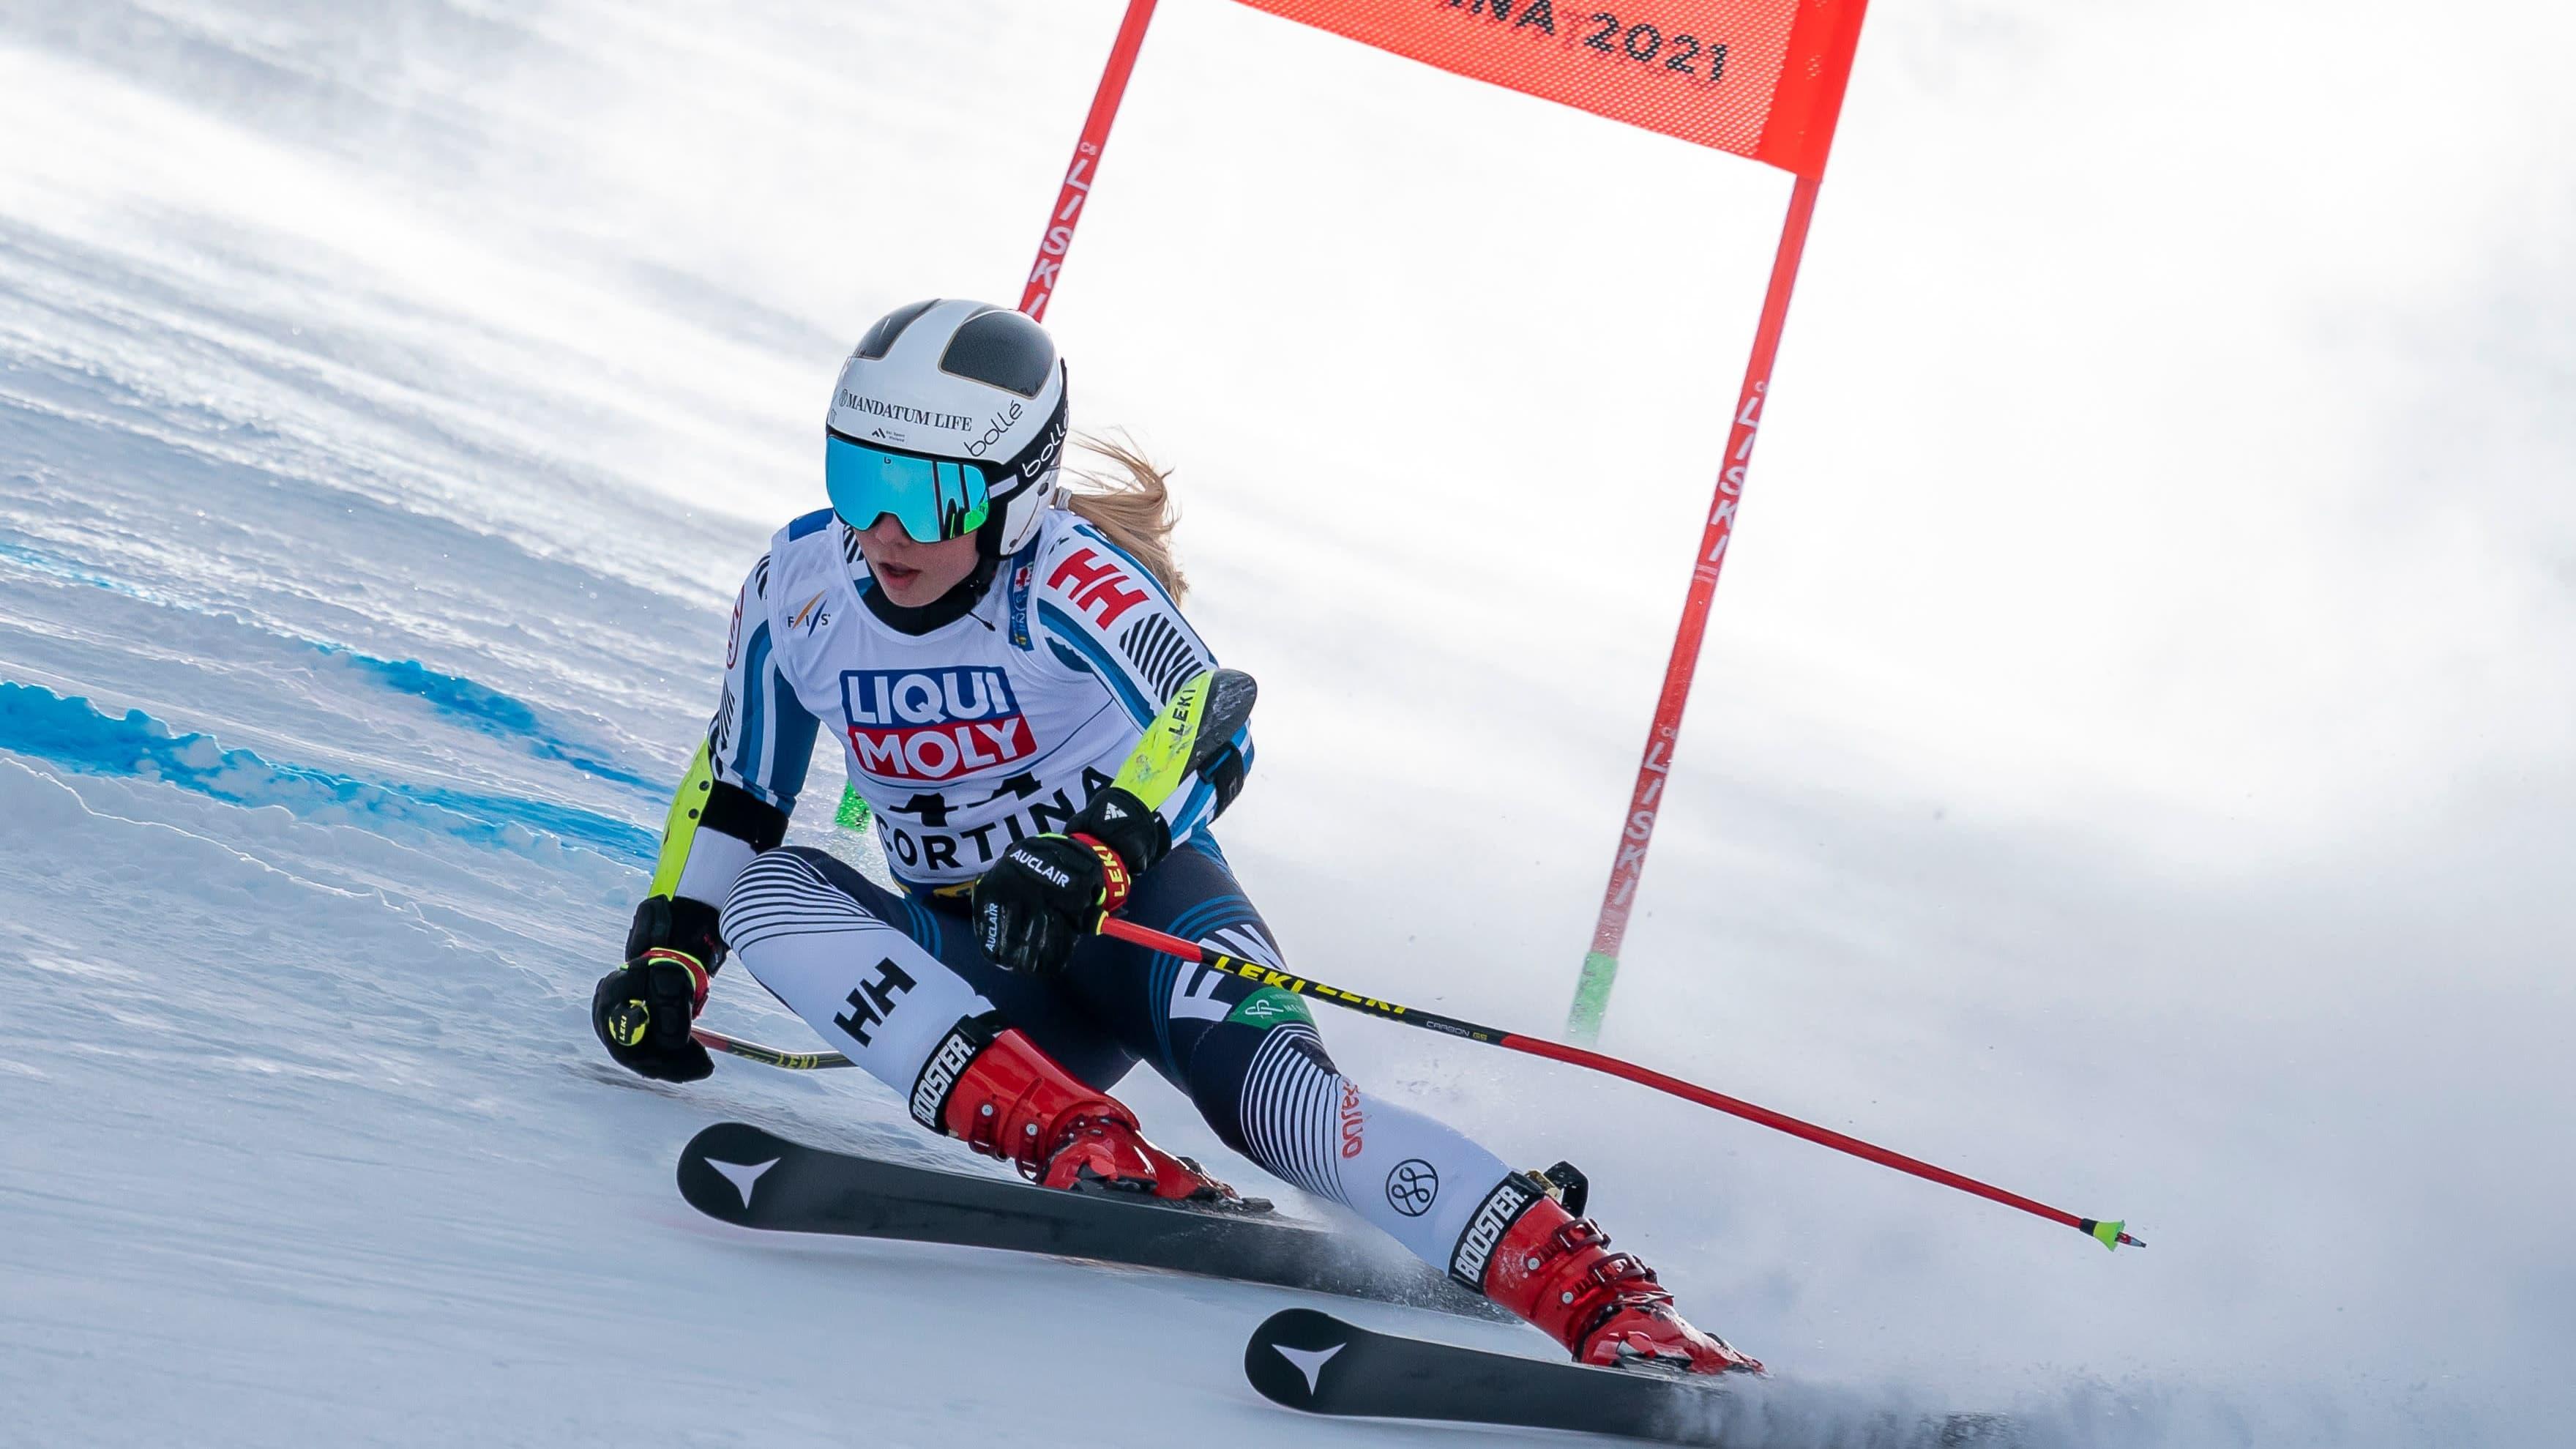 Erika Pykäläinen laskee suurpujottelua Cortina d'Ampezzon maailmancupin kilpailussa.